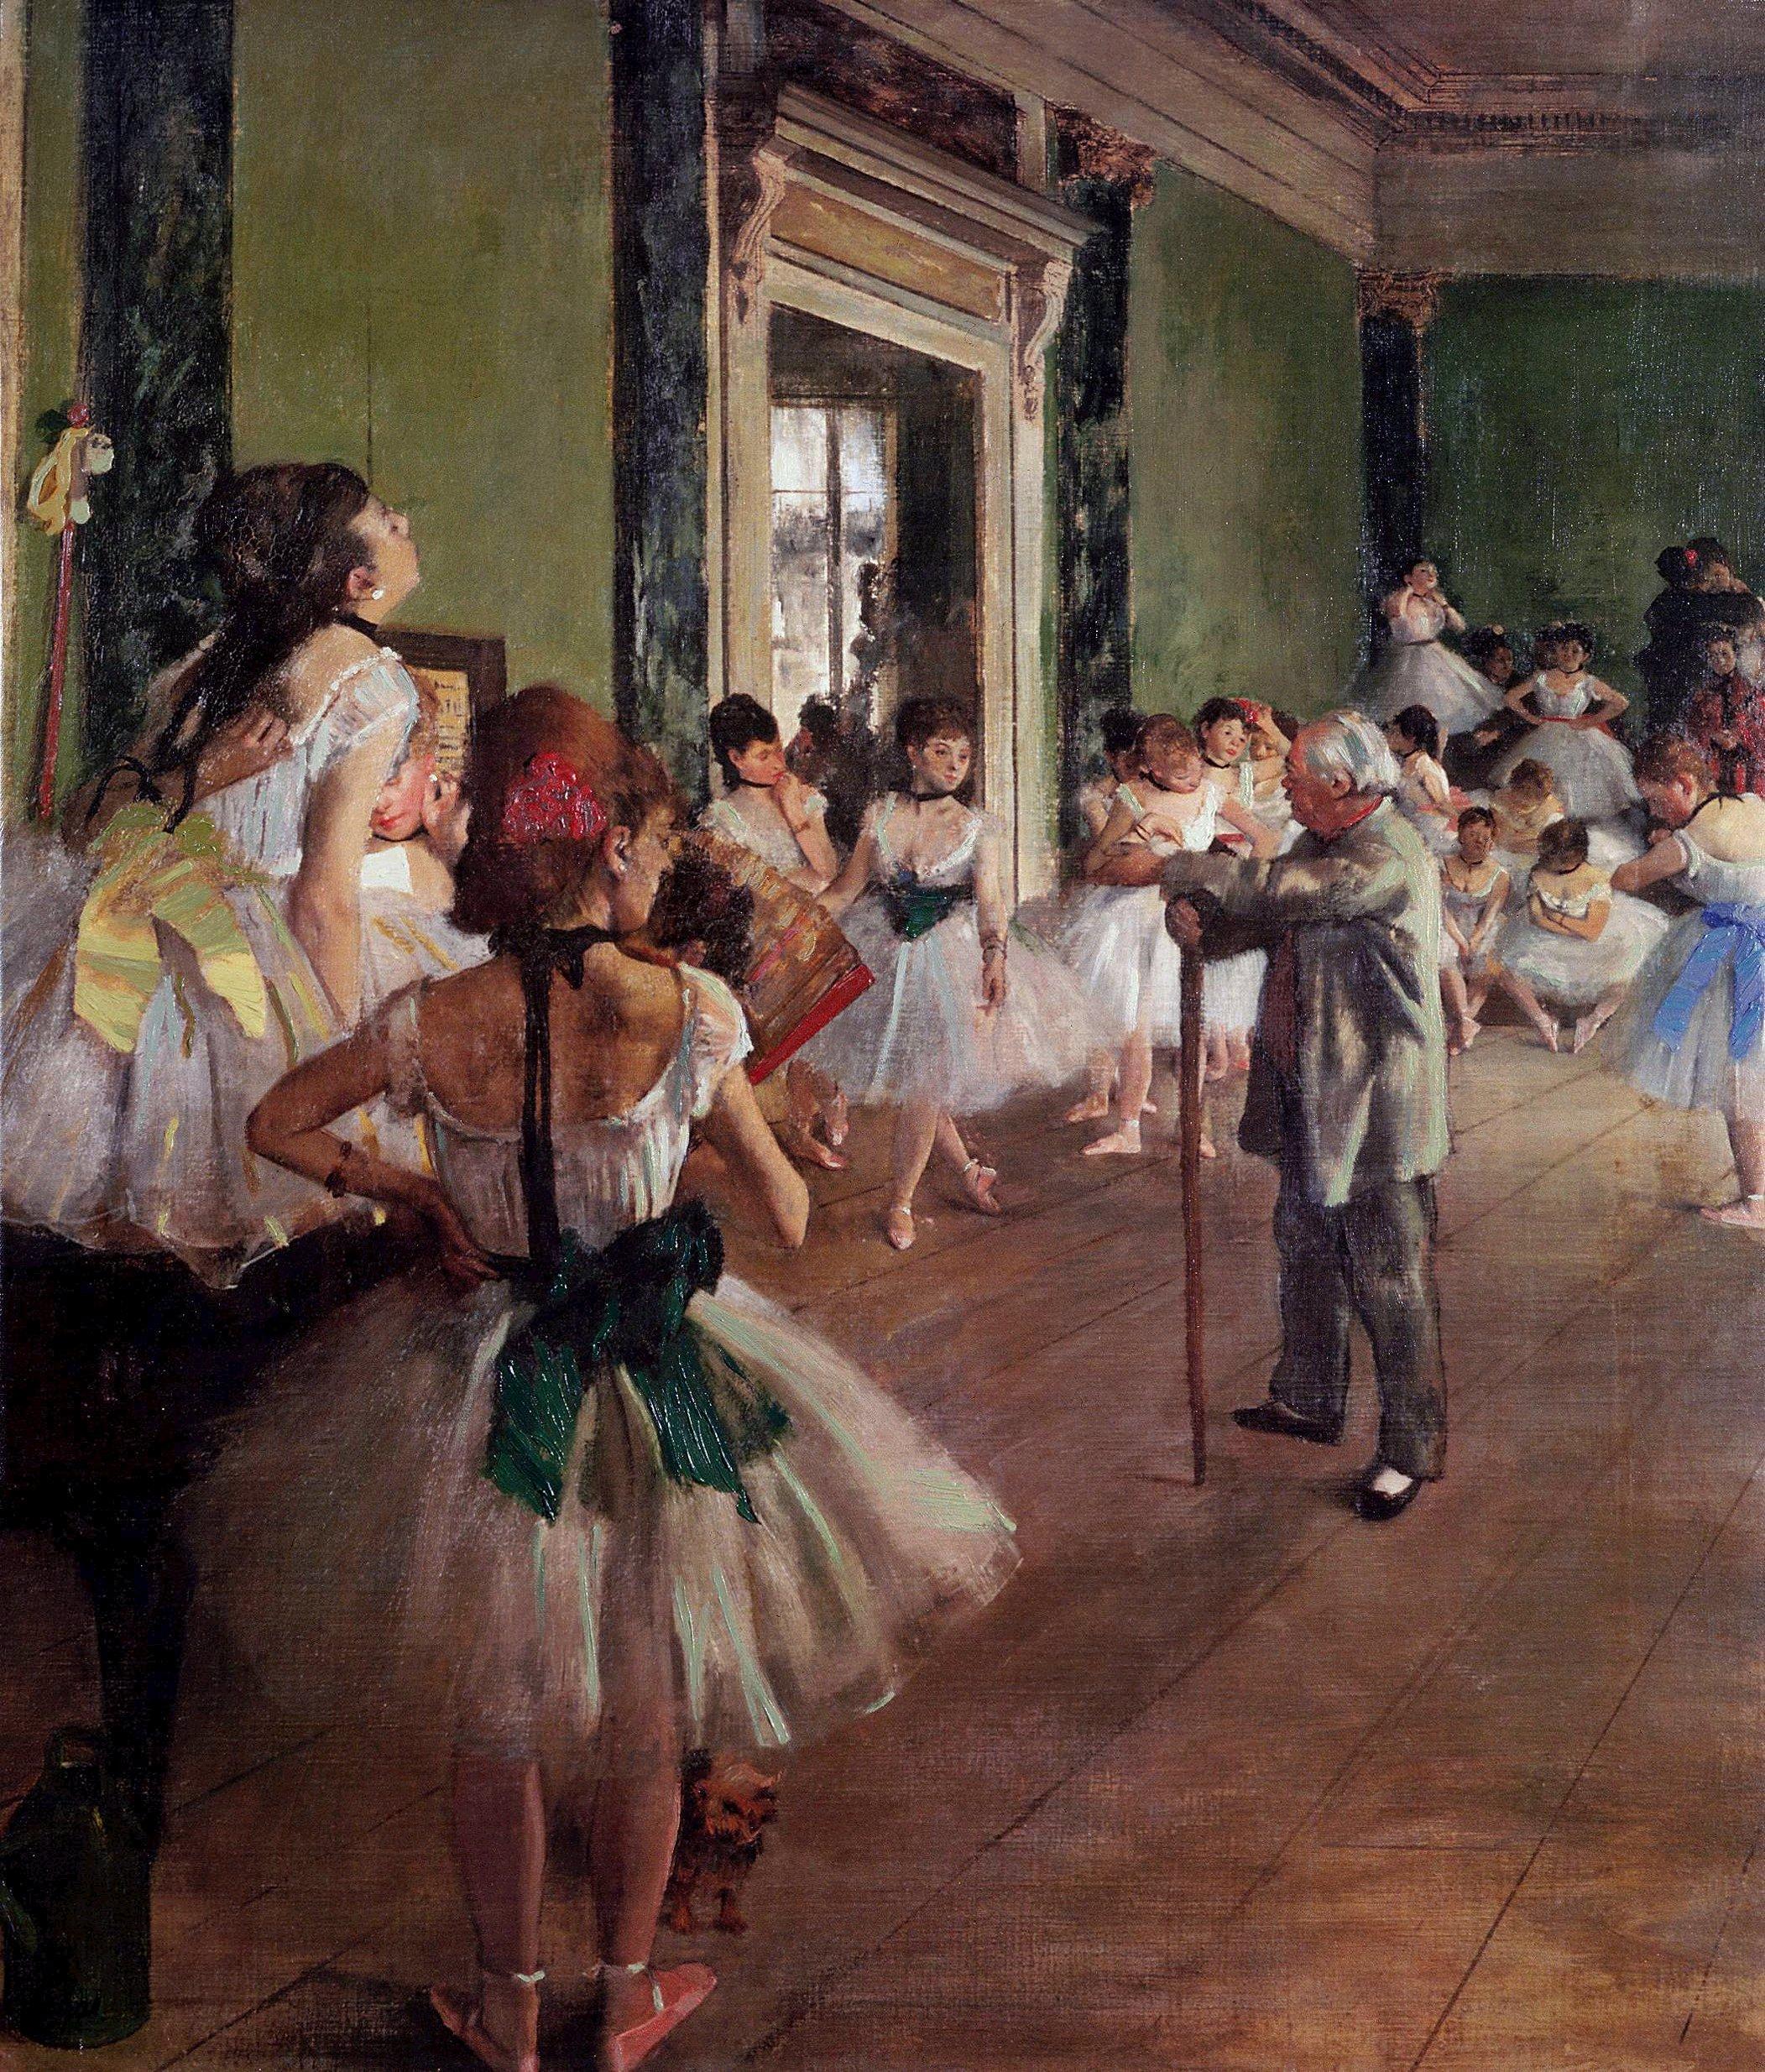 edgar-degas-the-dance-lesson-1873-75-2103x2469